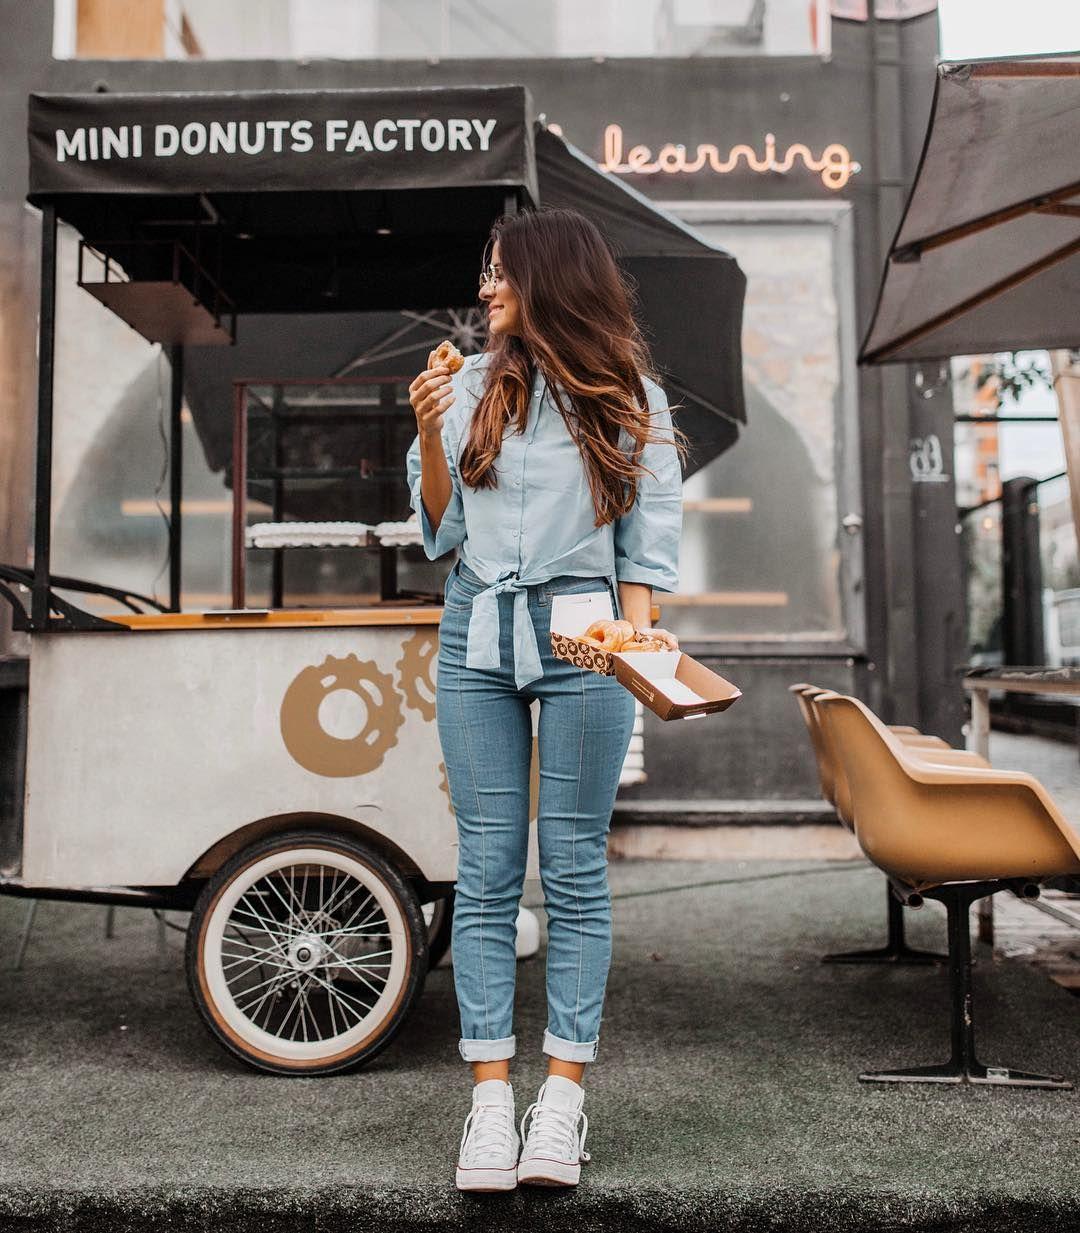 """89f378fec 18.4 mil curtidas, 142 comentários - Victória Rocha (@viihrocha) no  Instagram: """"Vai um donut aí? 🍩 Look TODO azulzinho. Pra quem tá procurando  uma calça ..."""